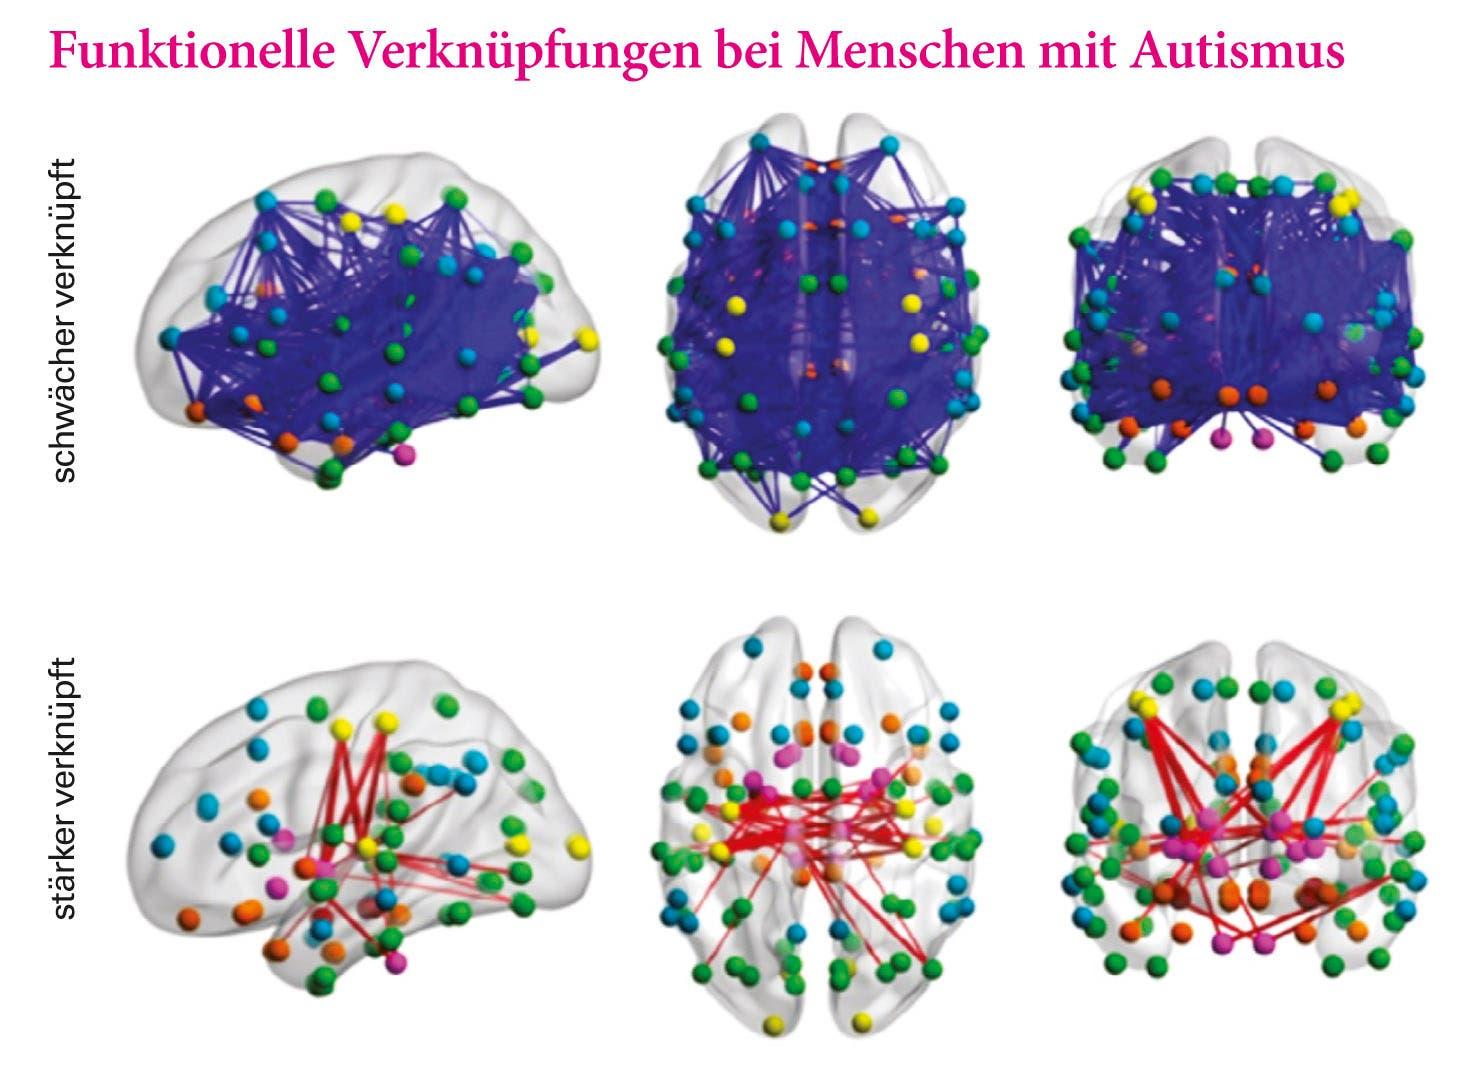 Funktionelle Verknüpfungen bei Menschen mit Autismus